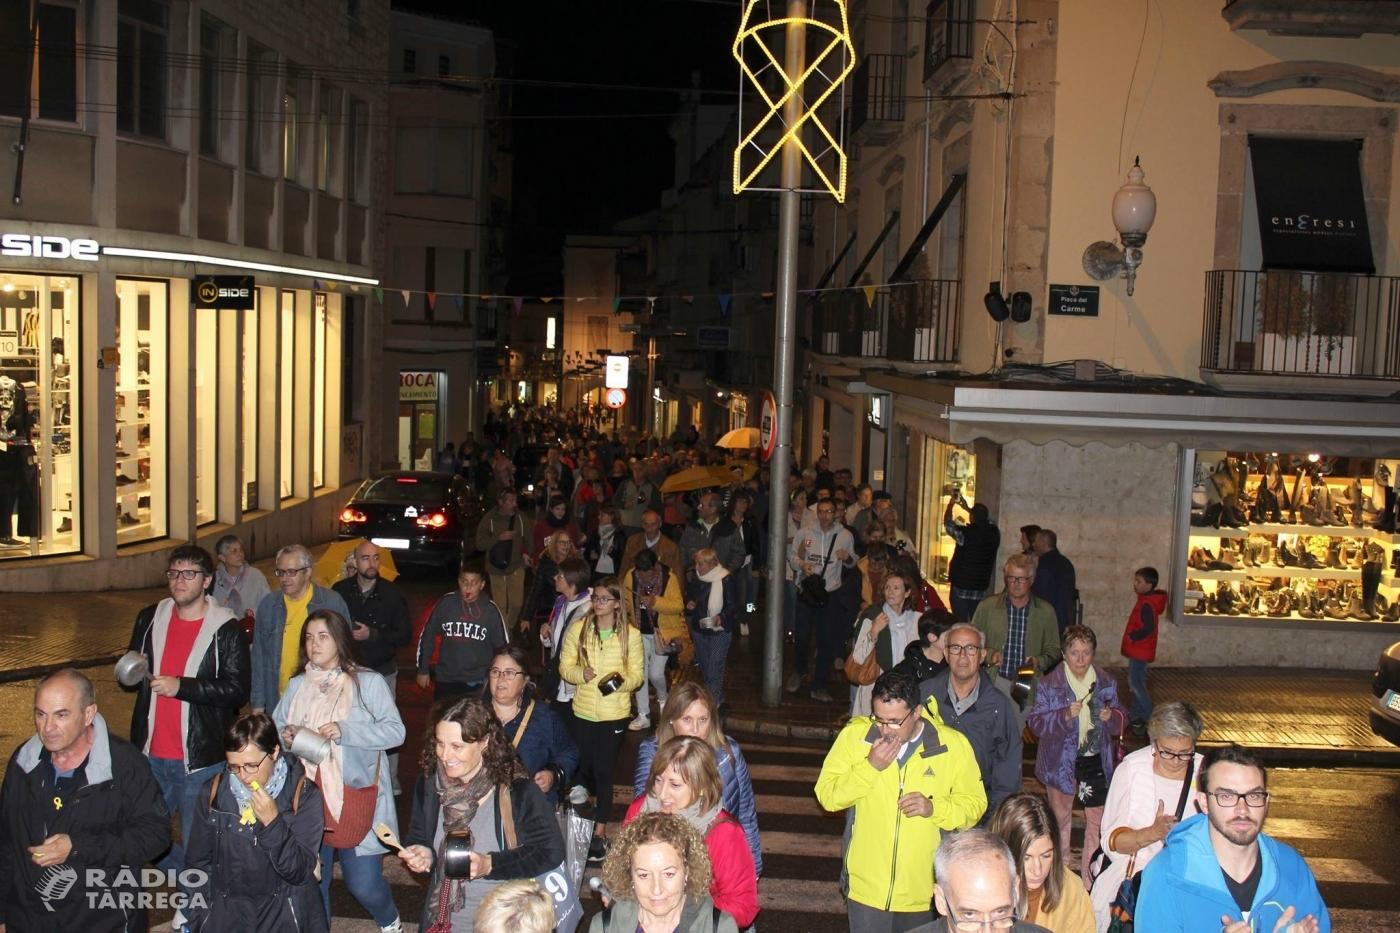 Centenars de persones es concentren a Tàrrega per protestar per l'empresonament dels Jordis